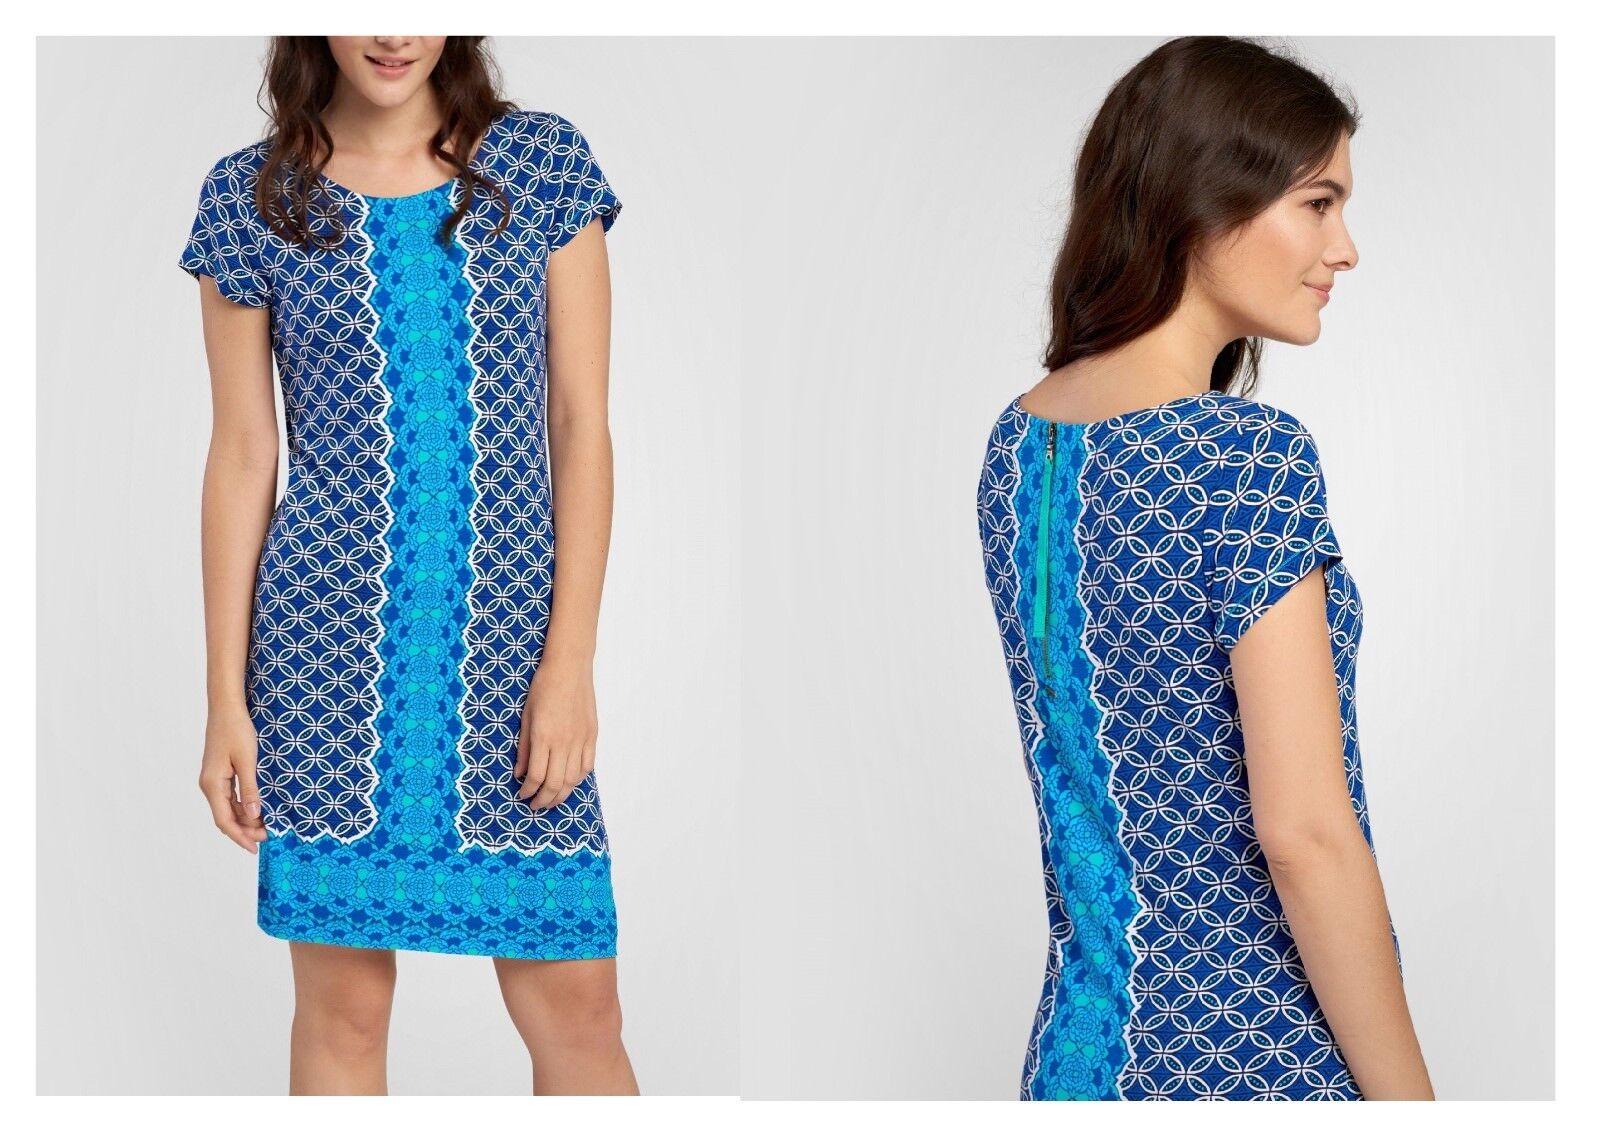 Hatley Vestido Camiseta Vestido - blue Floral Henna Floral wd6hena106 wd6hena106 wd6hena106 4b4852